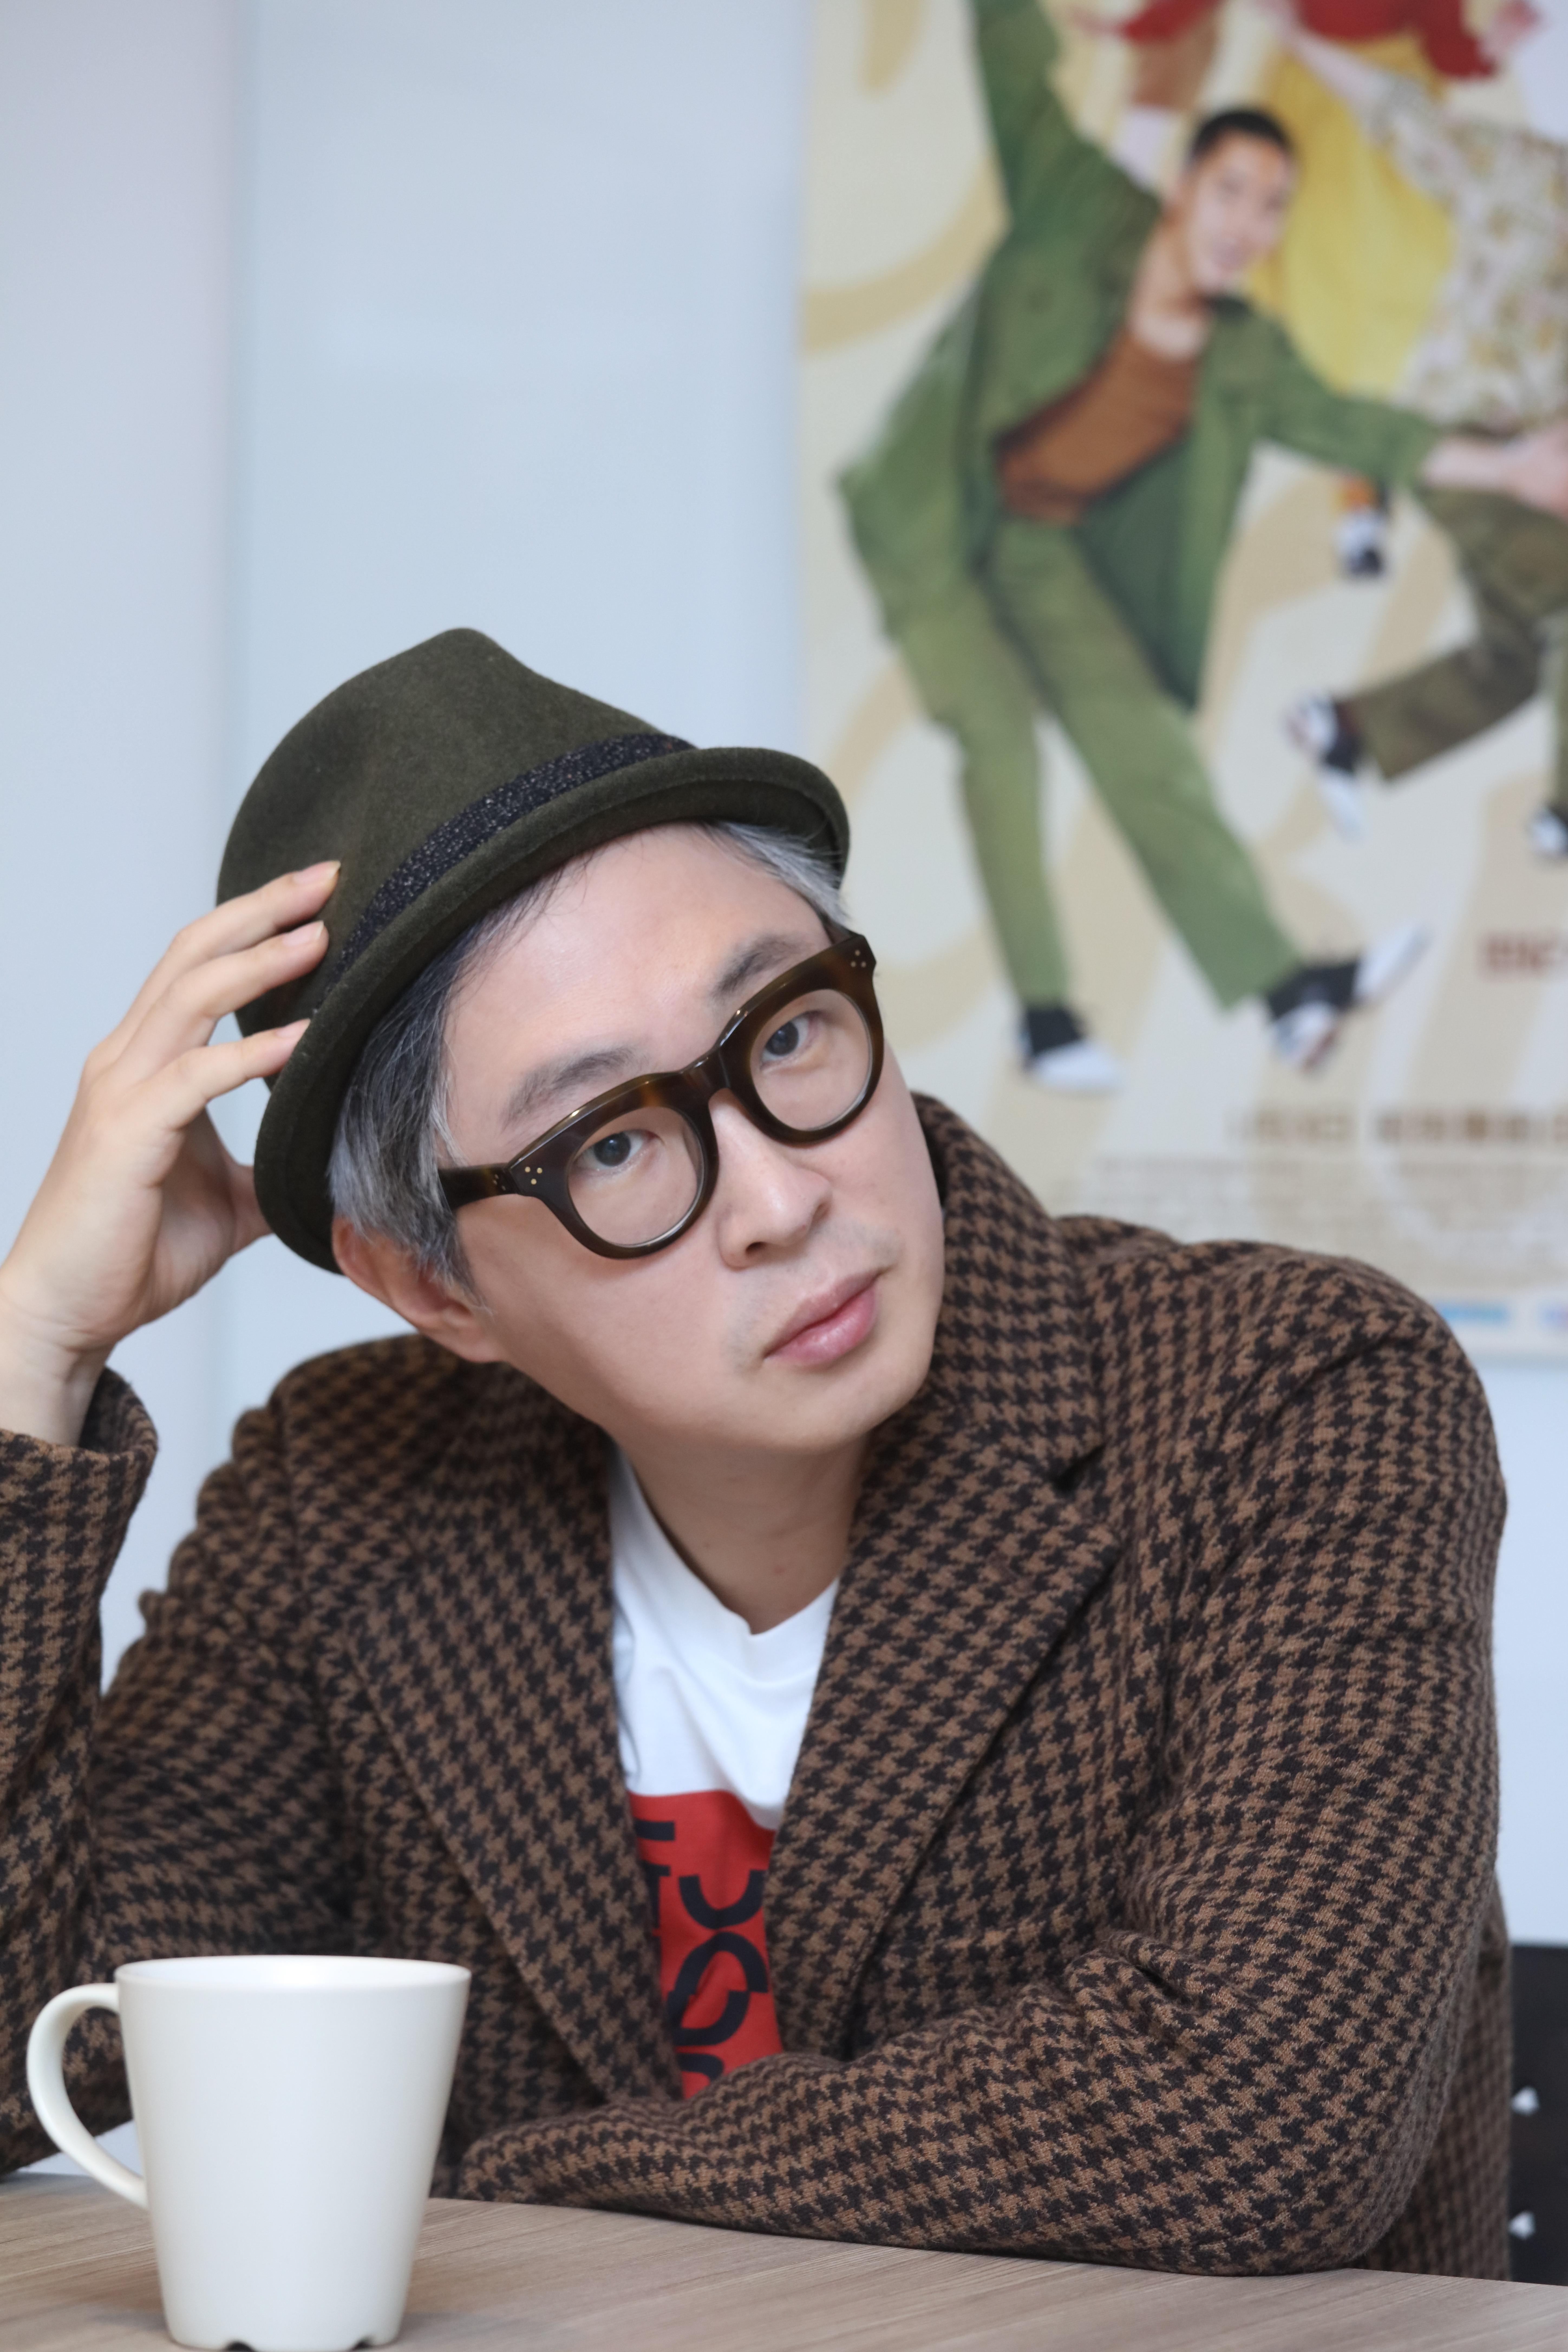 拍過多齣賣座電影,姜炯徹導演的秘訣是不苦惱或配合觀眾想要些什麼,一心只想着「這是我一部很喜歡的電影」來拍。